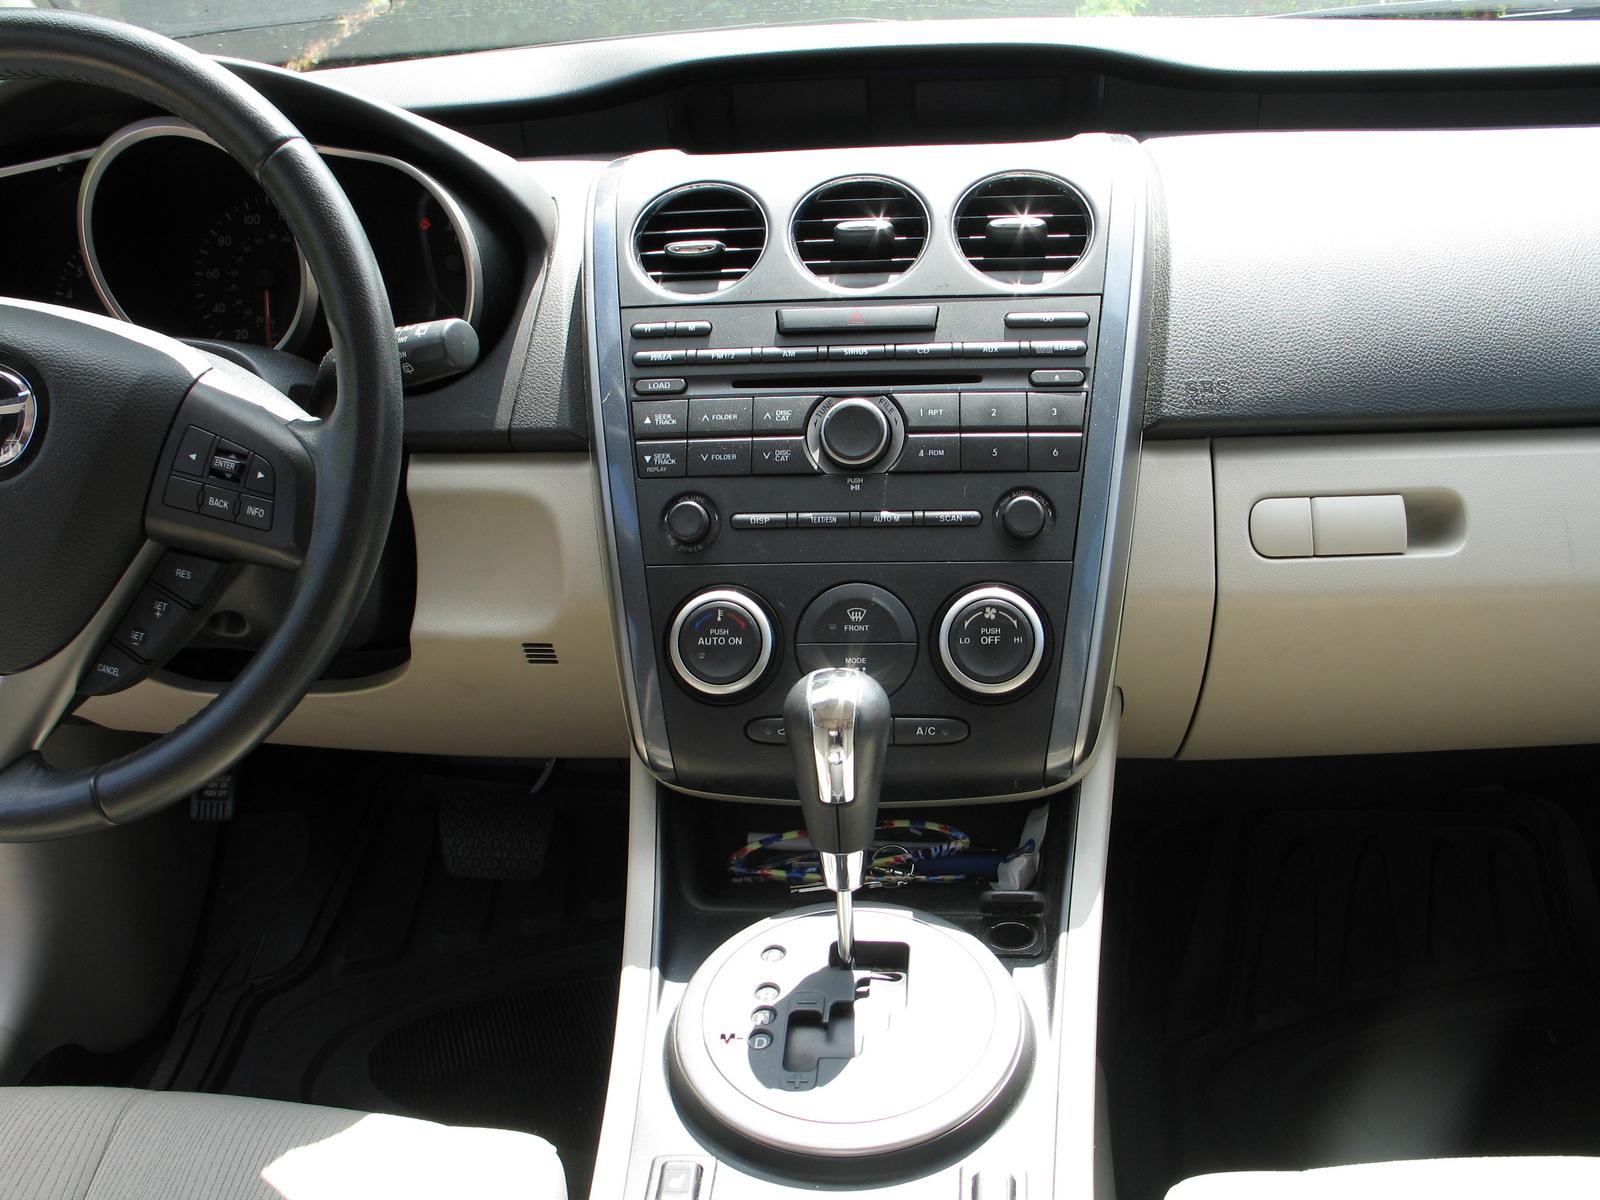 2011 Mazda Cx 7 Interior Pictures Cargurus